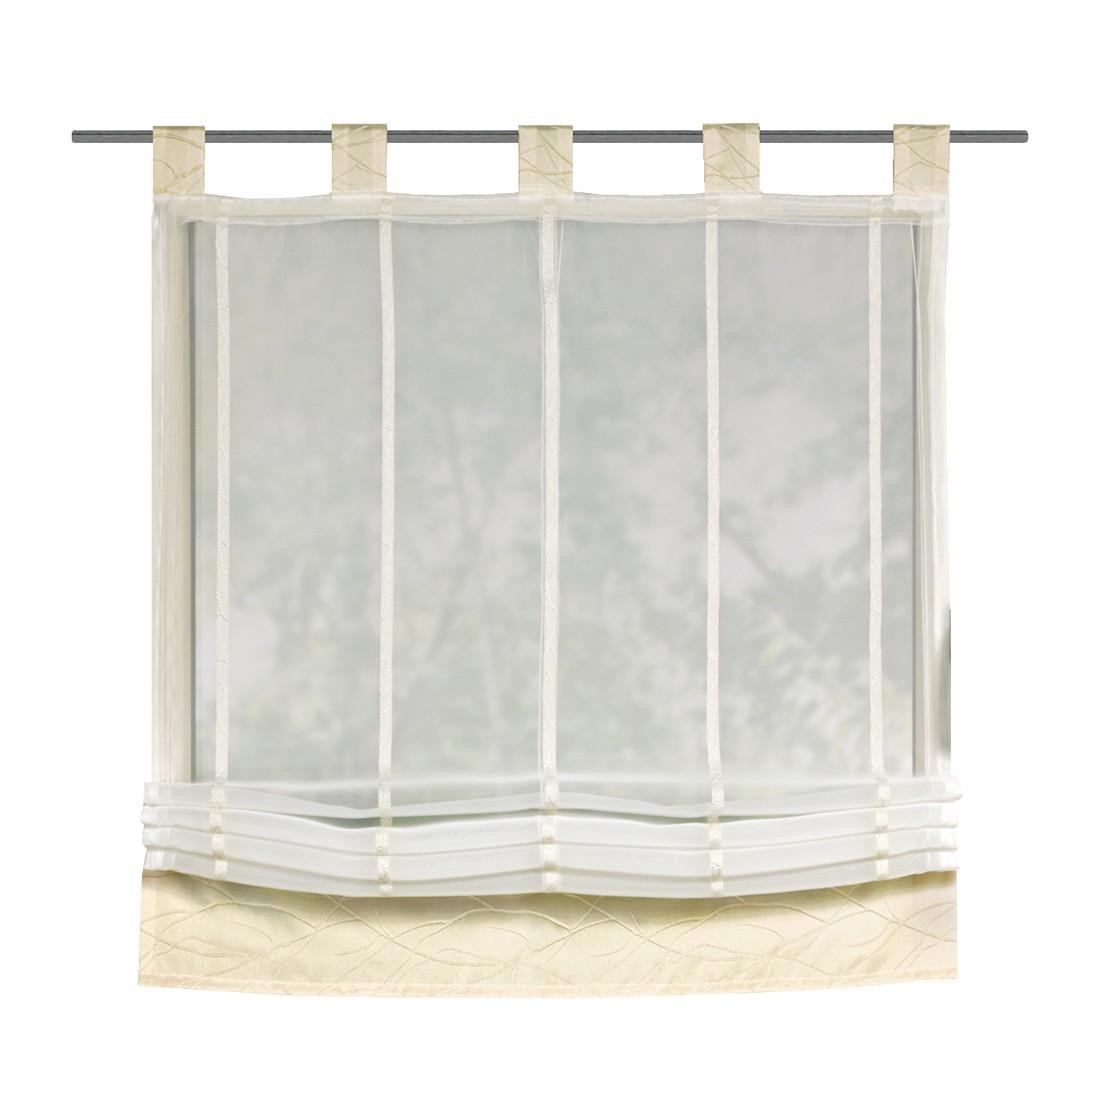 raffrollo zoji la 45 x 140 cm home wohnideen g nstig kaufen. Black Bedroom Furniture Sets. Home Design Ideas